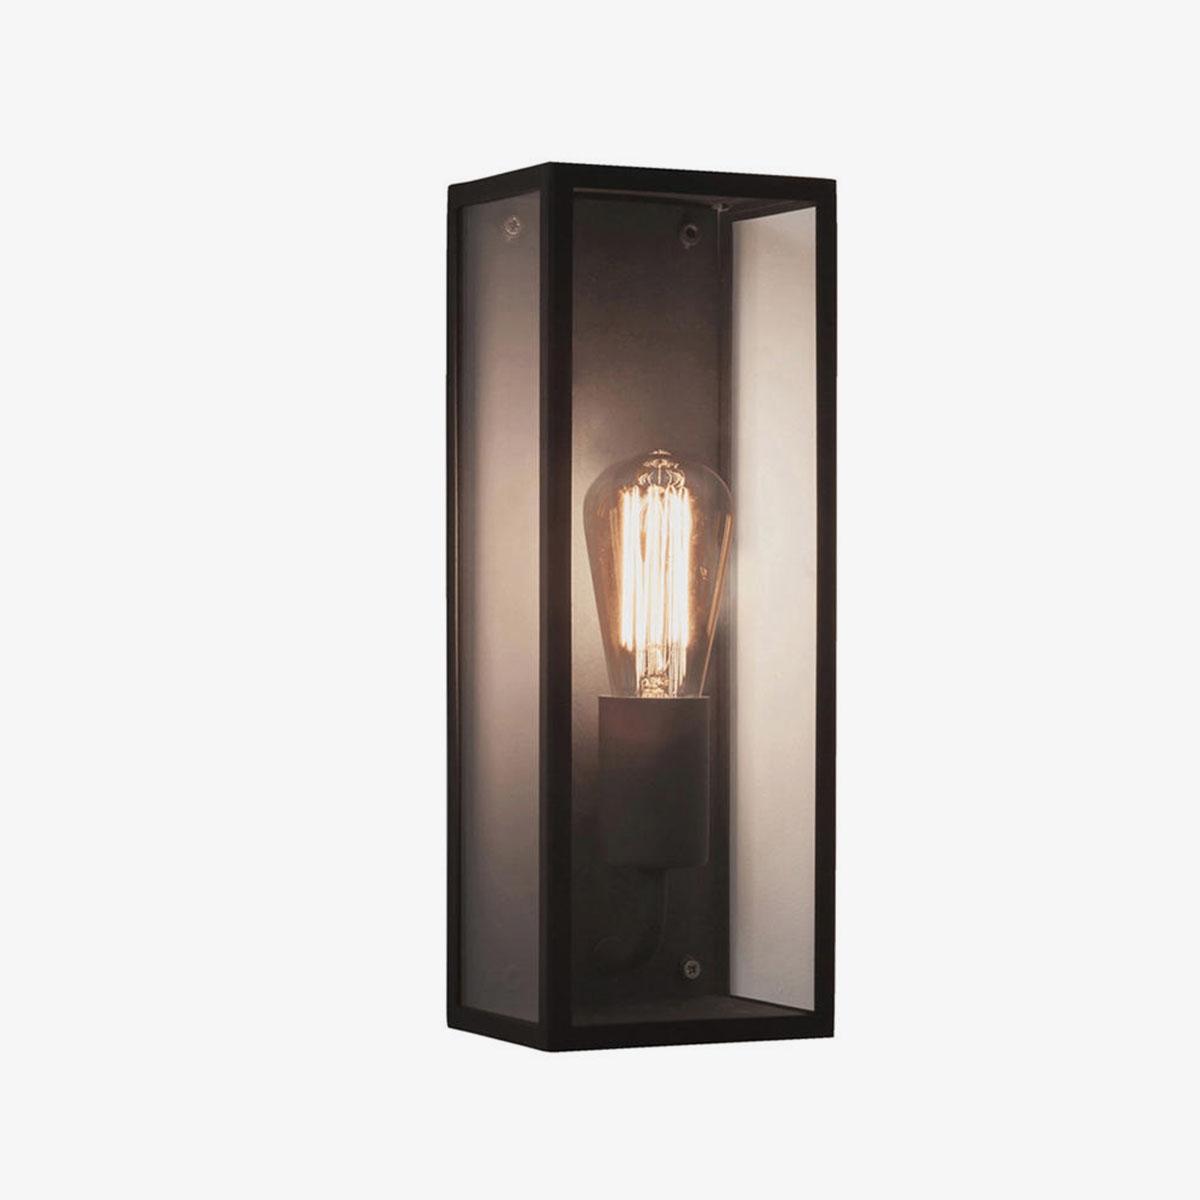 Aplique de pared exterior Messina 130 negro Astro Lighting-0